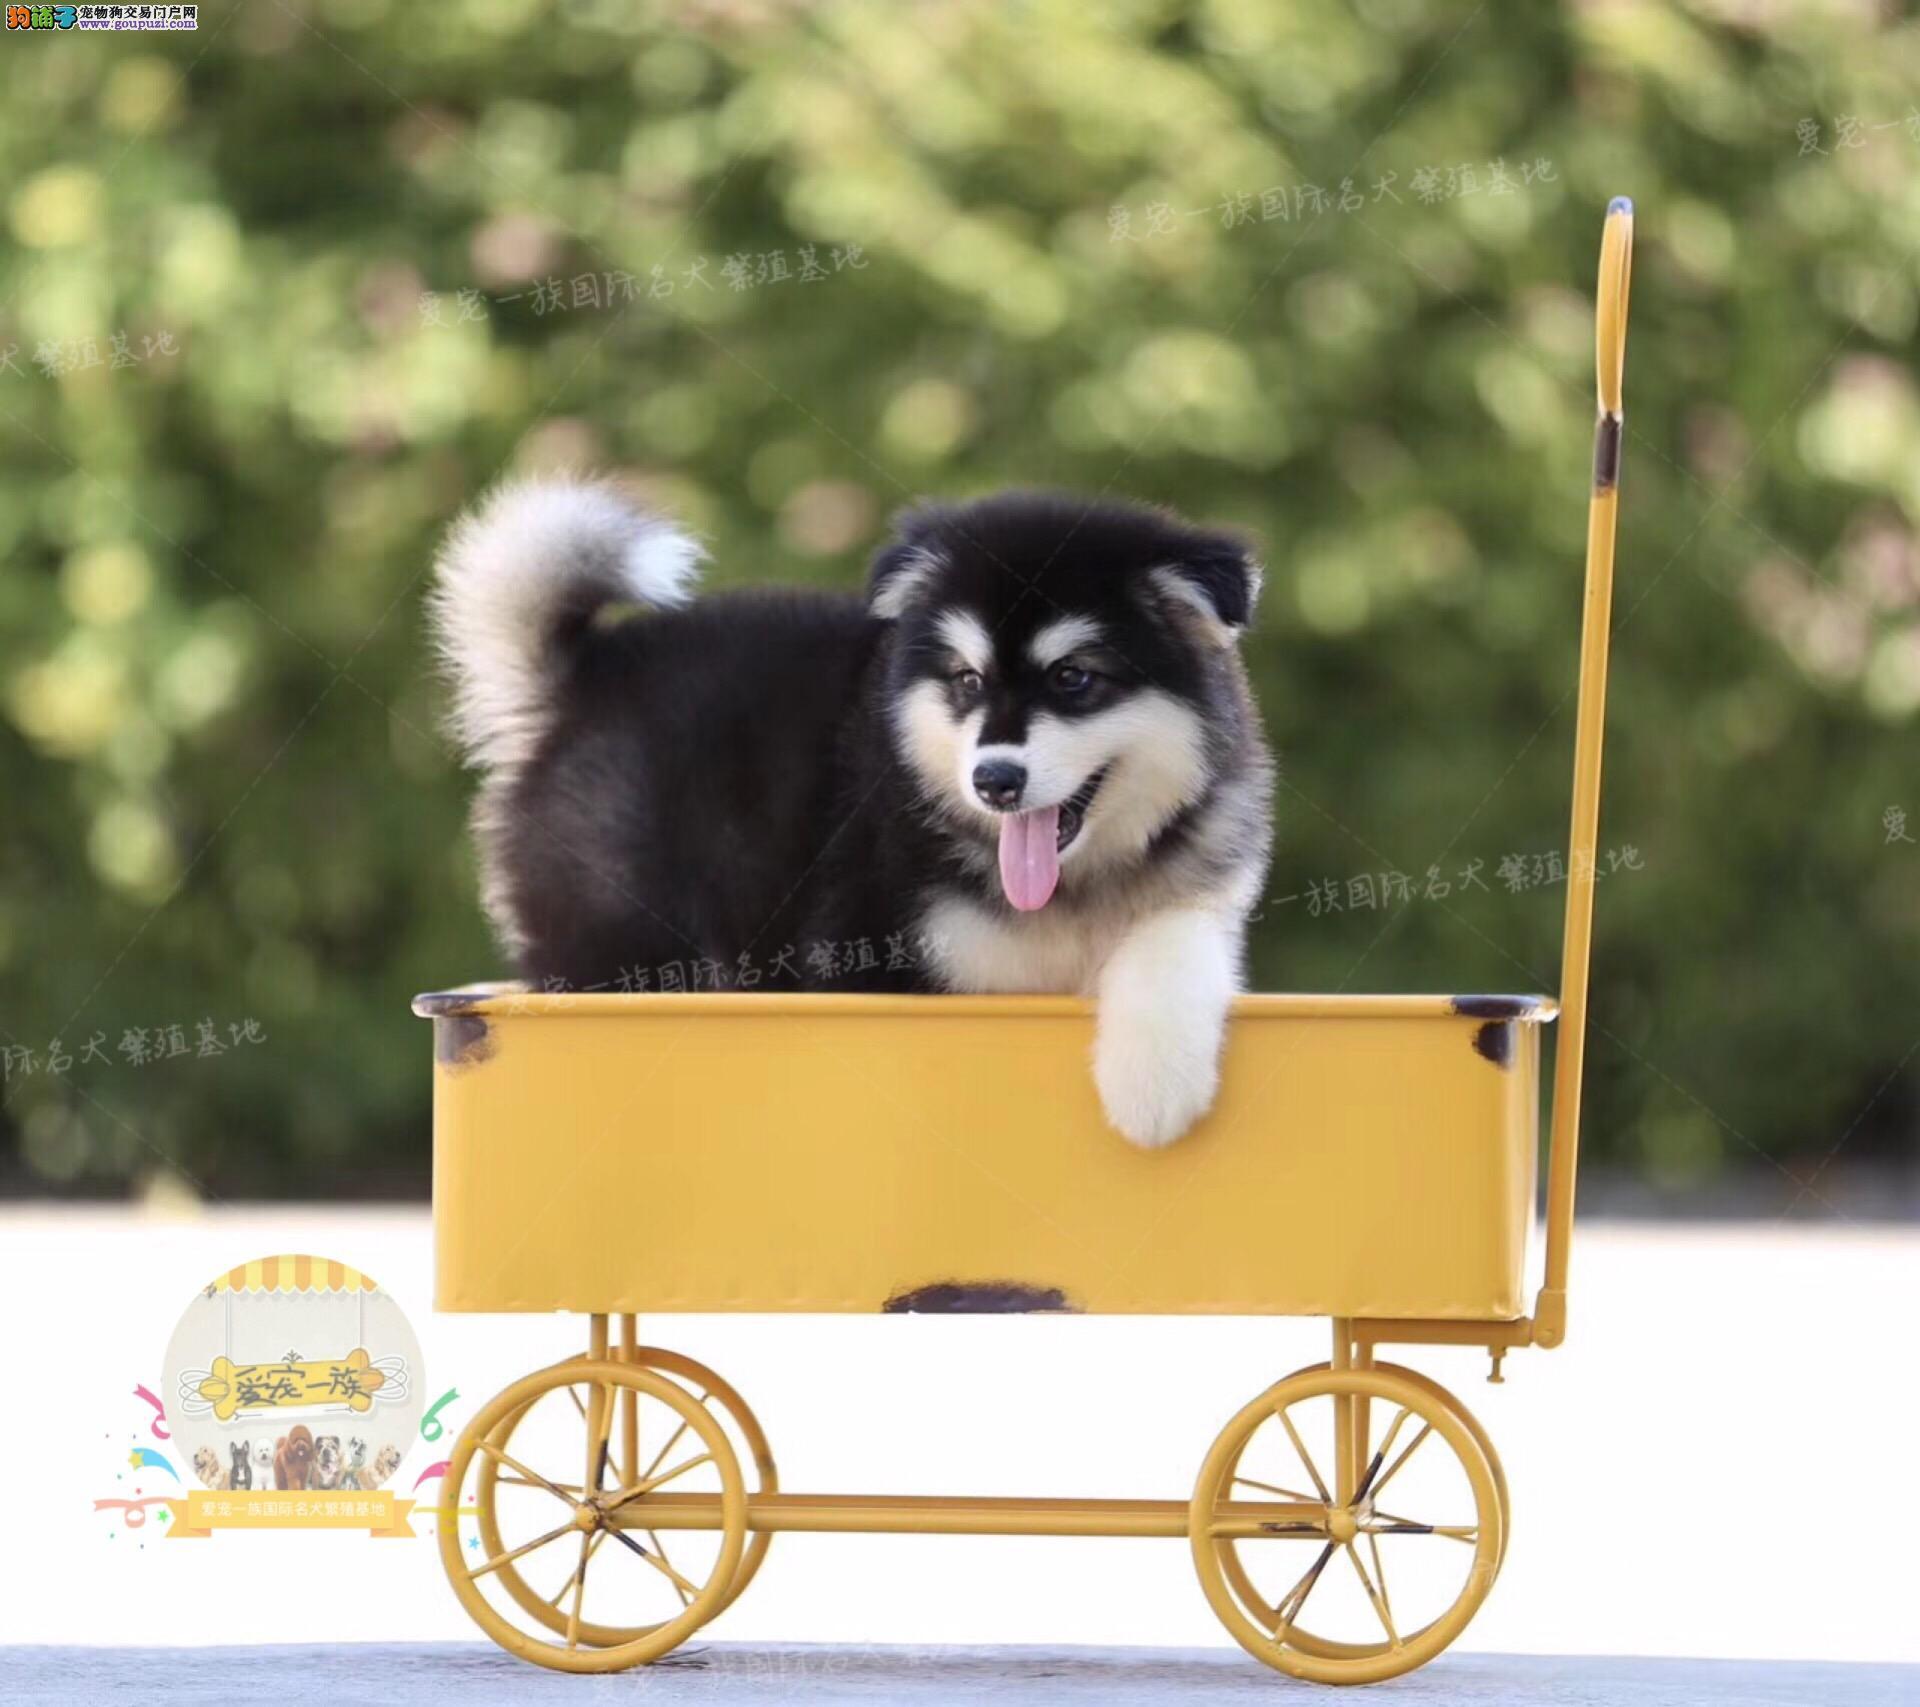 高大威猛,性格温顺,大型阿拉斯加犬 高贵华丽